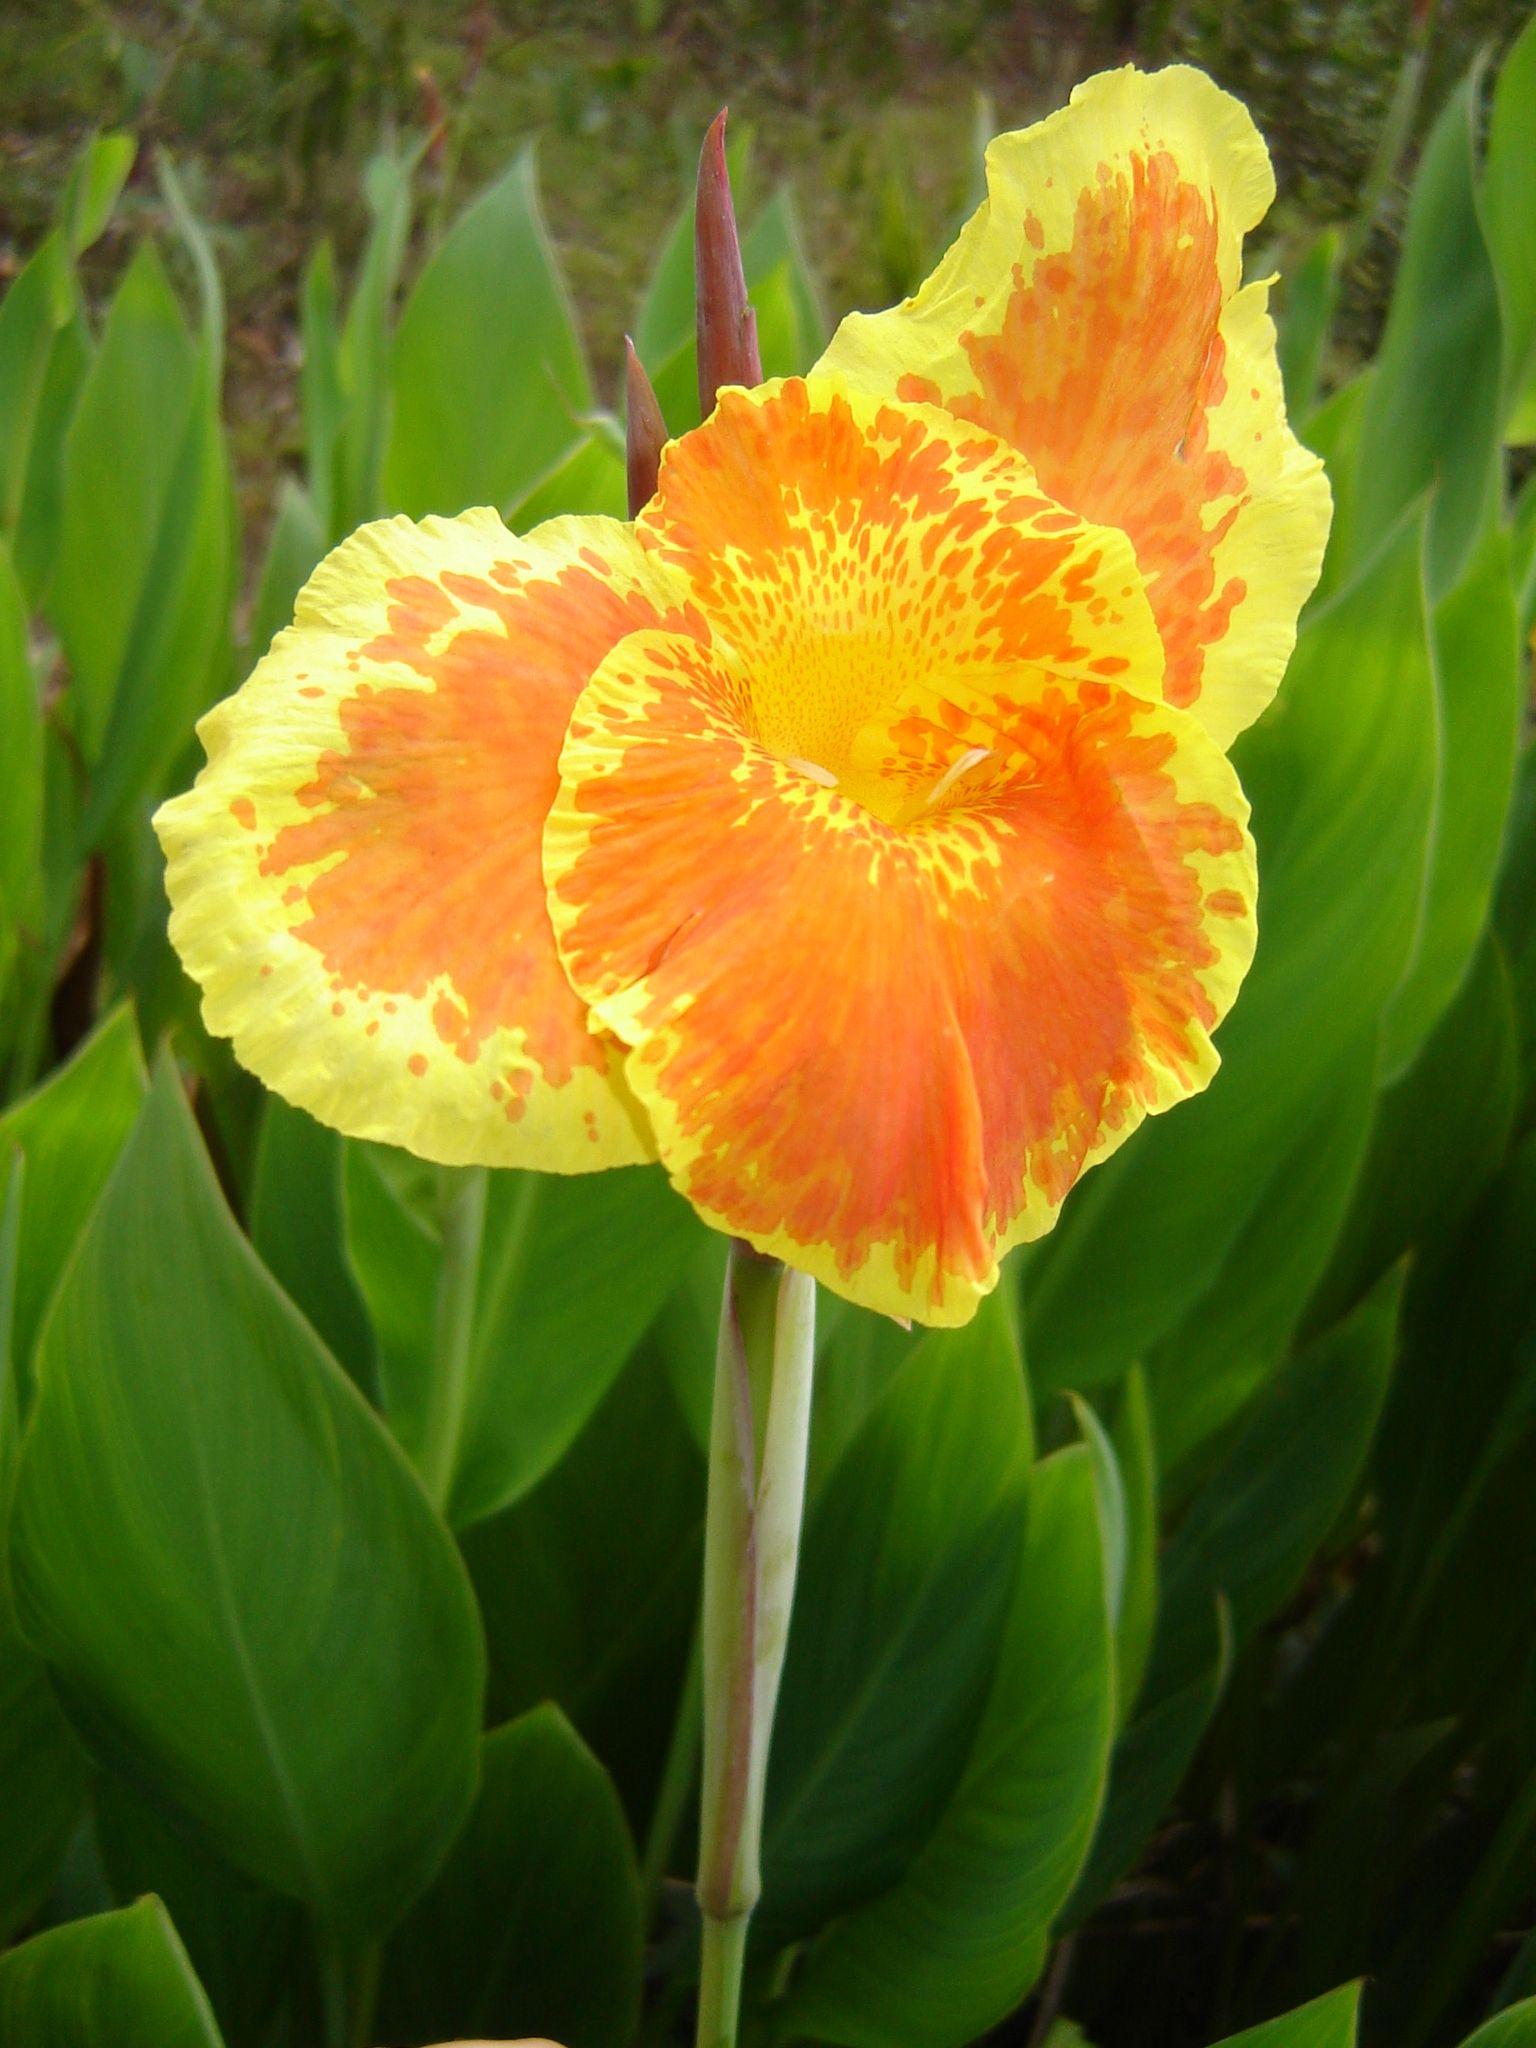 Canna lily yellow king humbert green thumb pinterest canna canna lily yellow king humbert izmirmasajfo